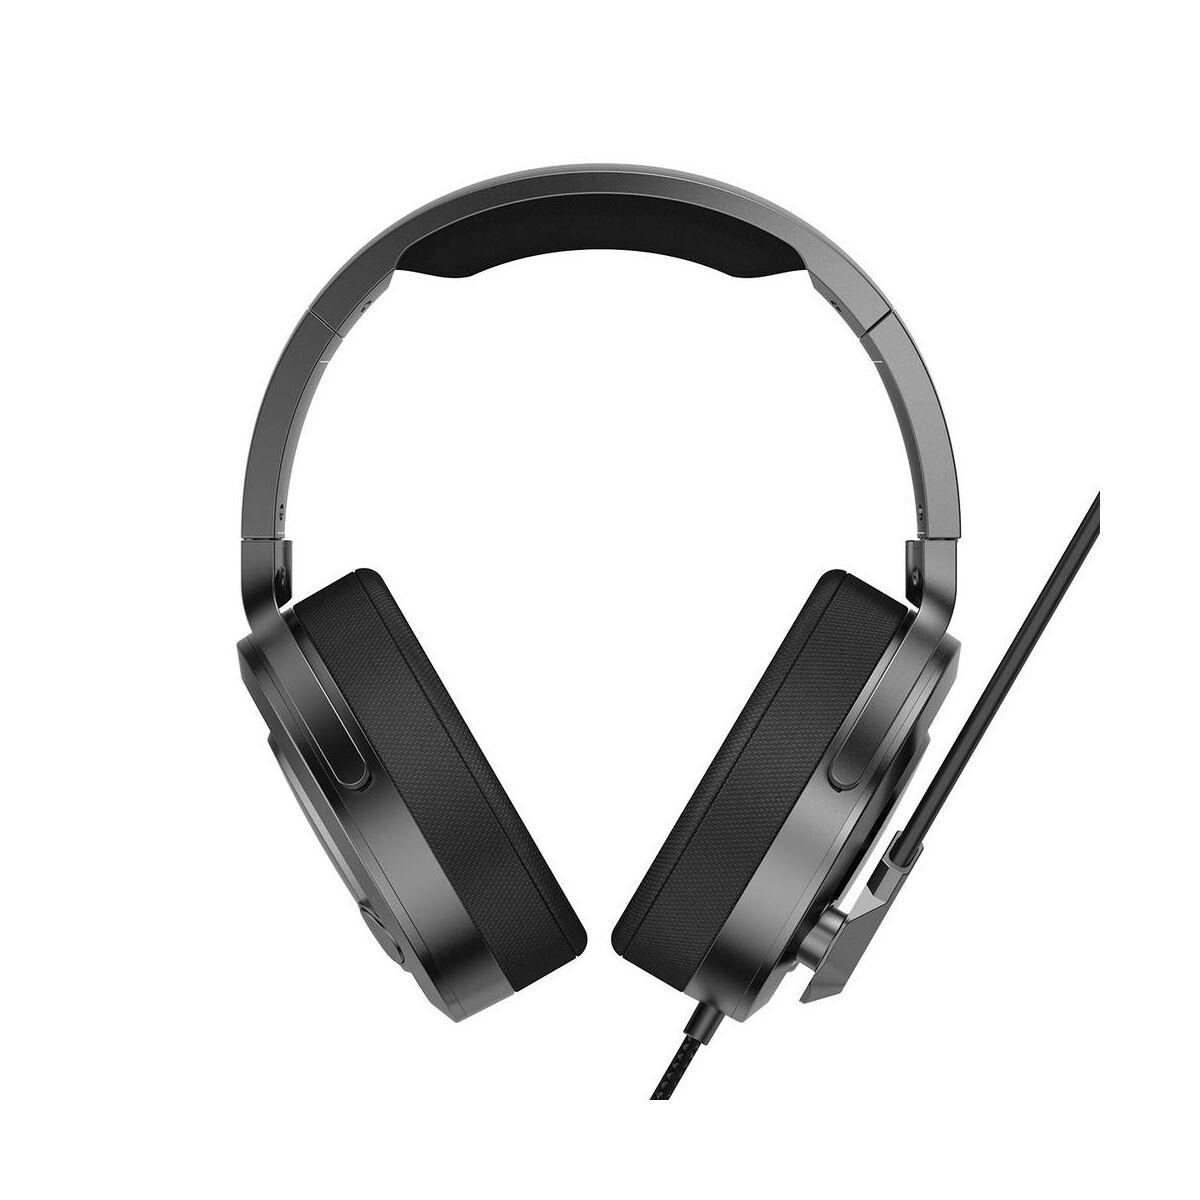 Baseus fejhallgató, Bluetooth GAMO D05 Immersive Virtual 3D Gamereknek, számítógépes játékokhoz, (PC), fekete (NGD05-01)